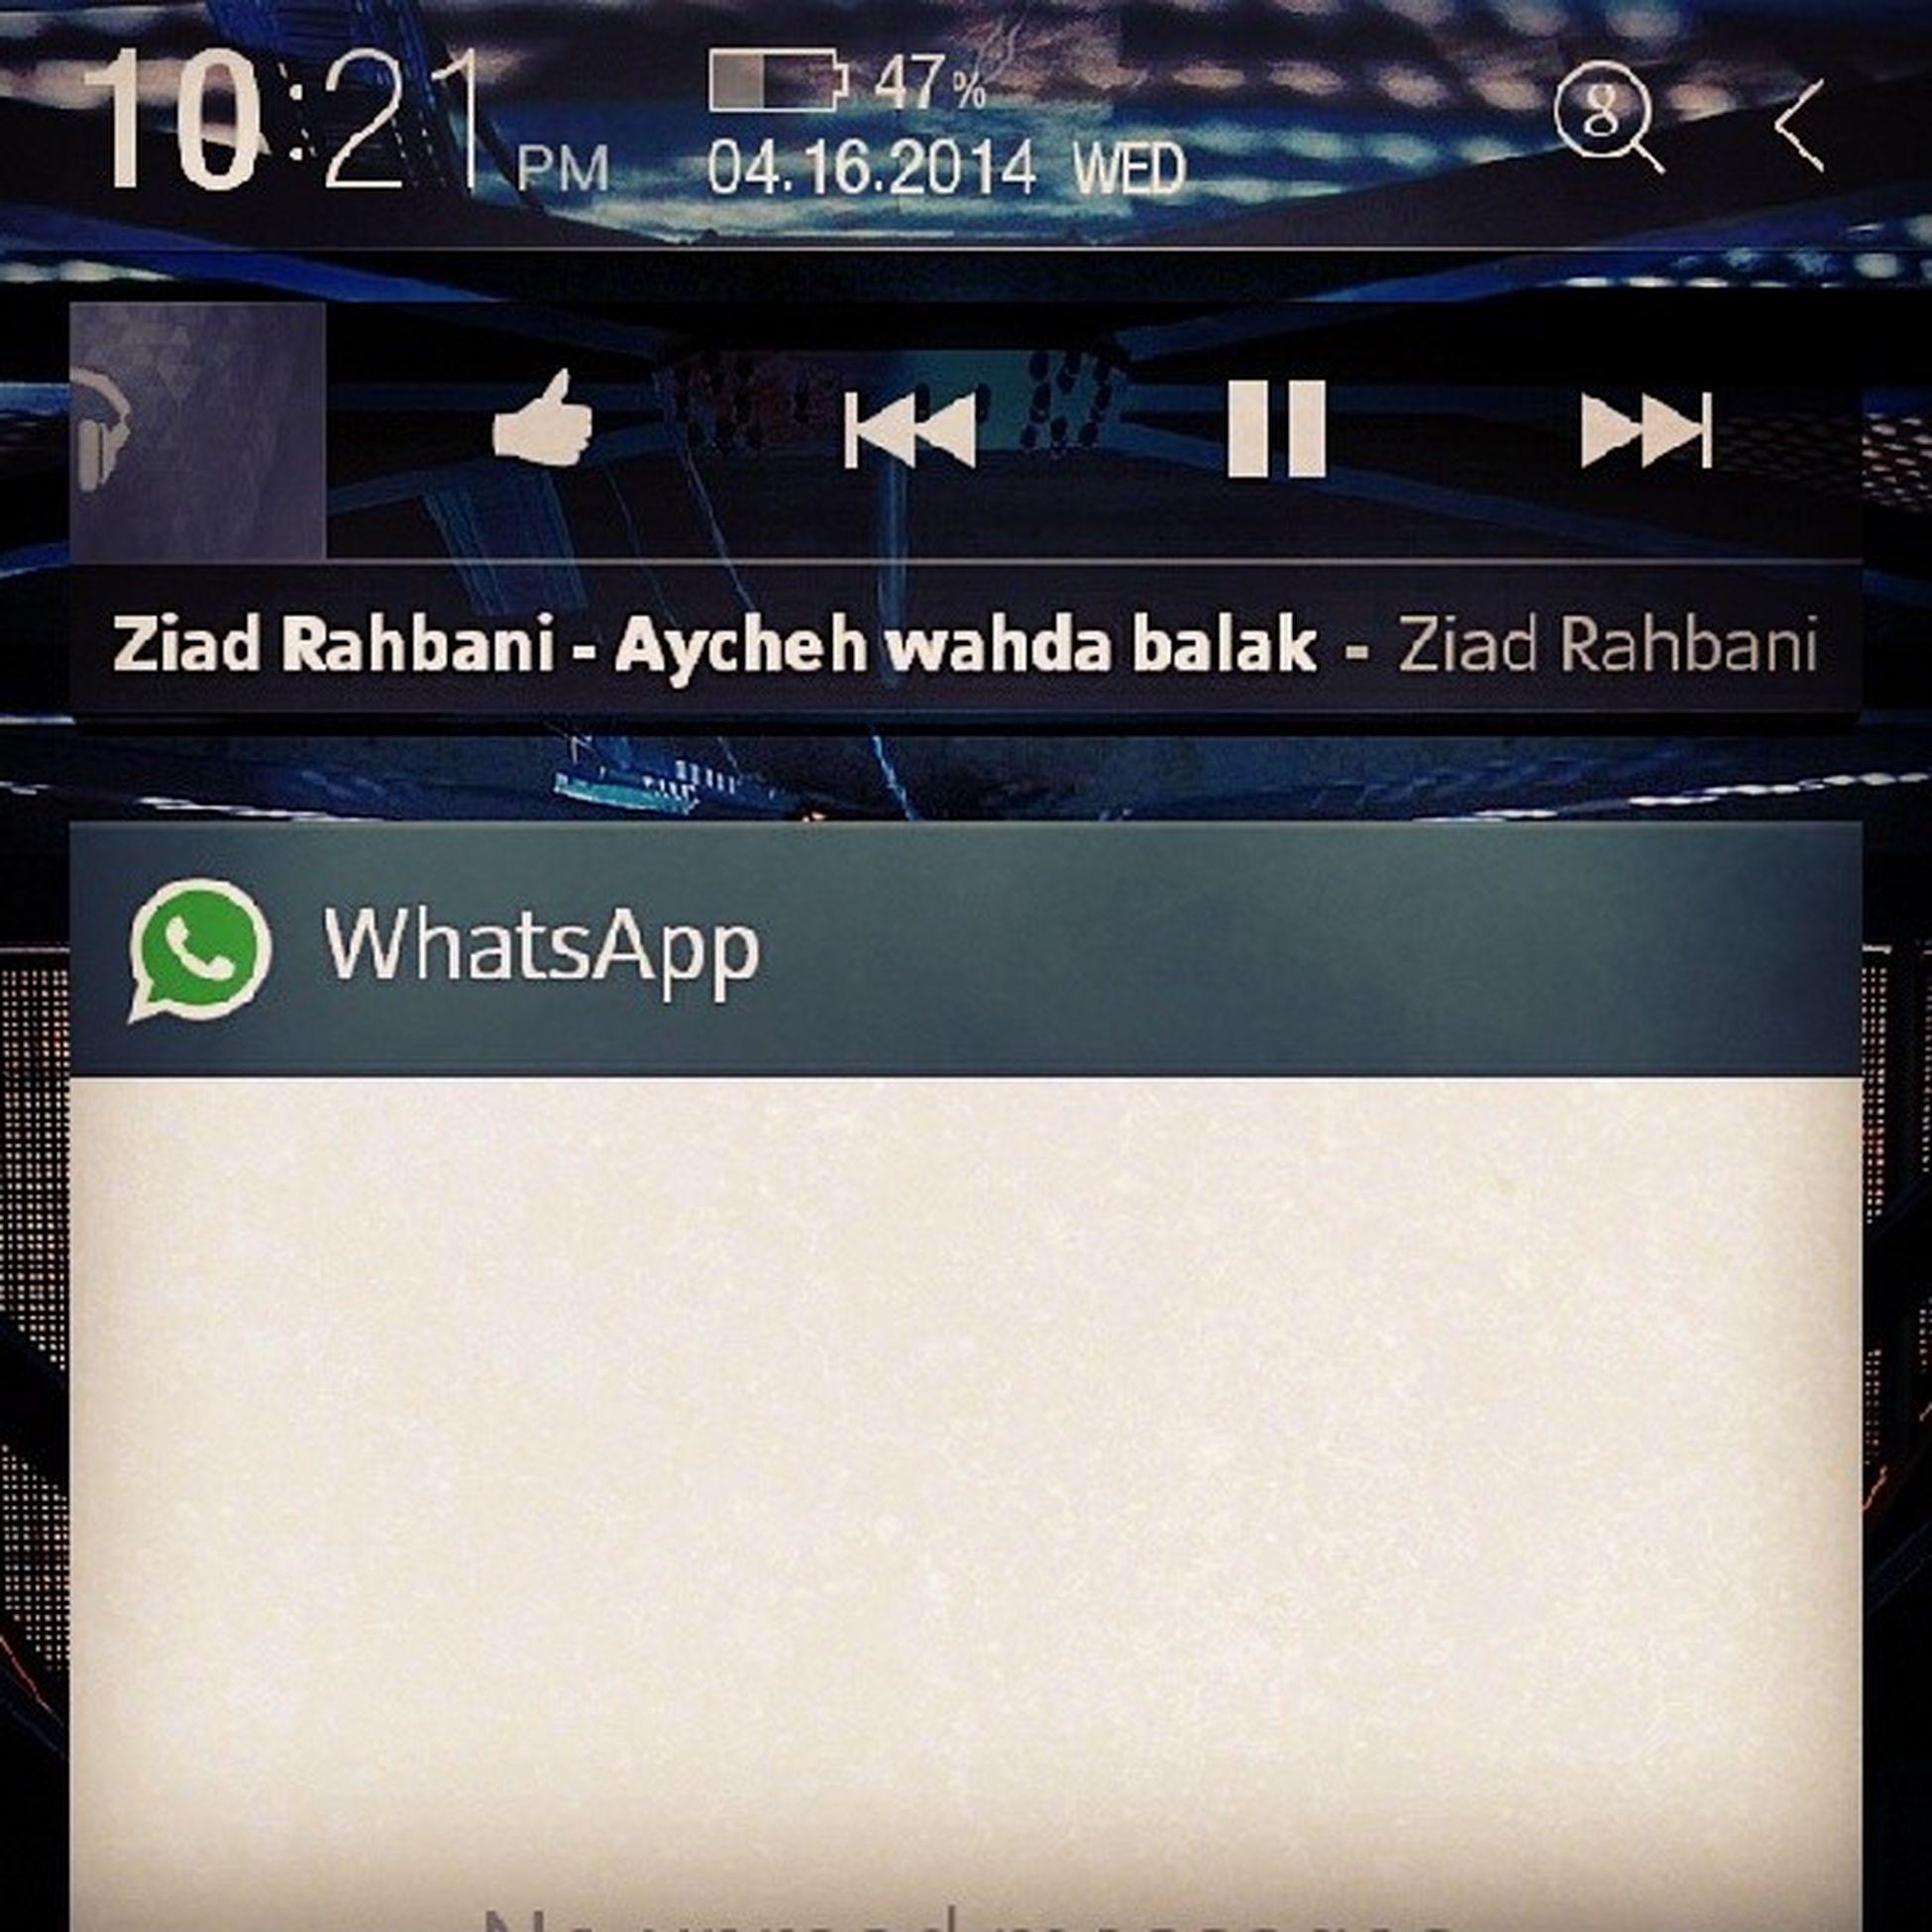 Ziadrahbani Aychehwahdabalak Fairuz Arabic jazz night bestsong